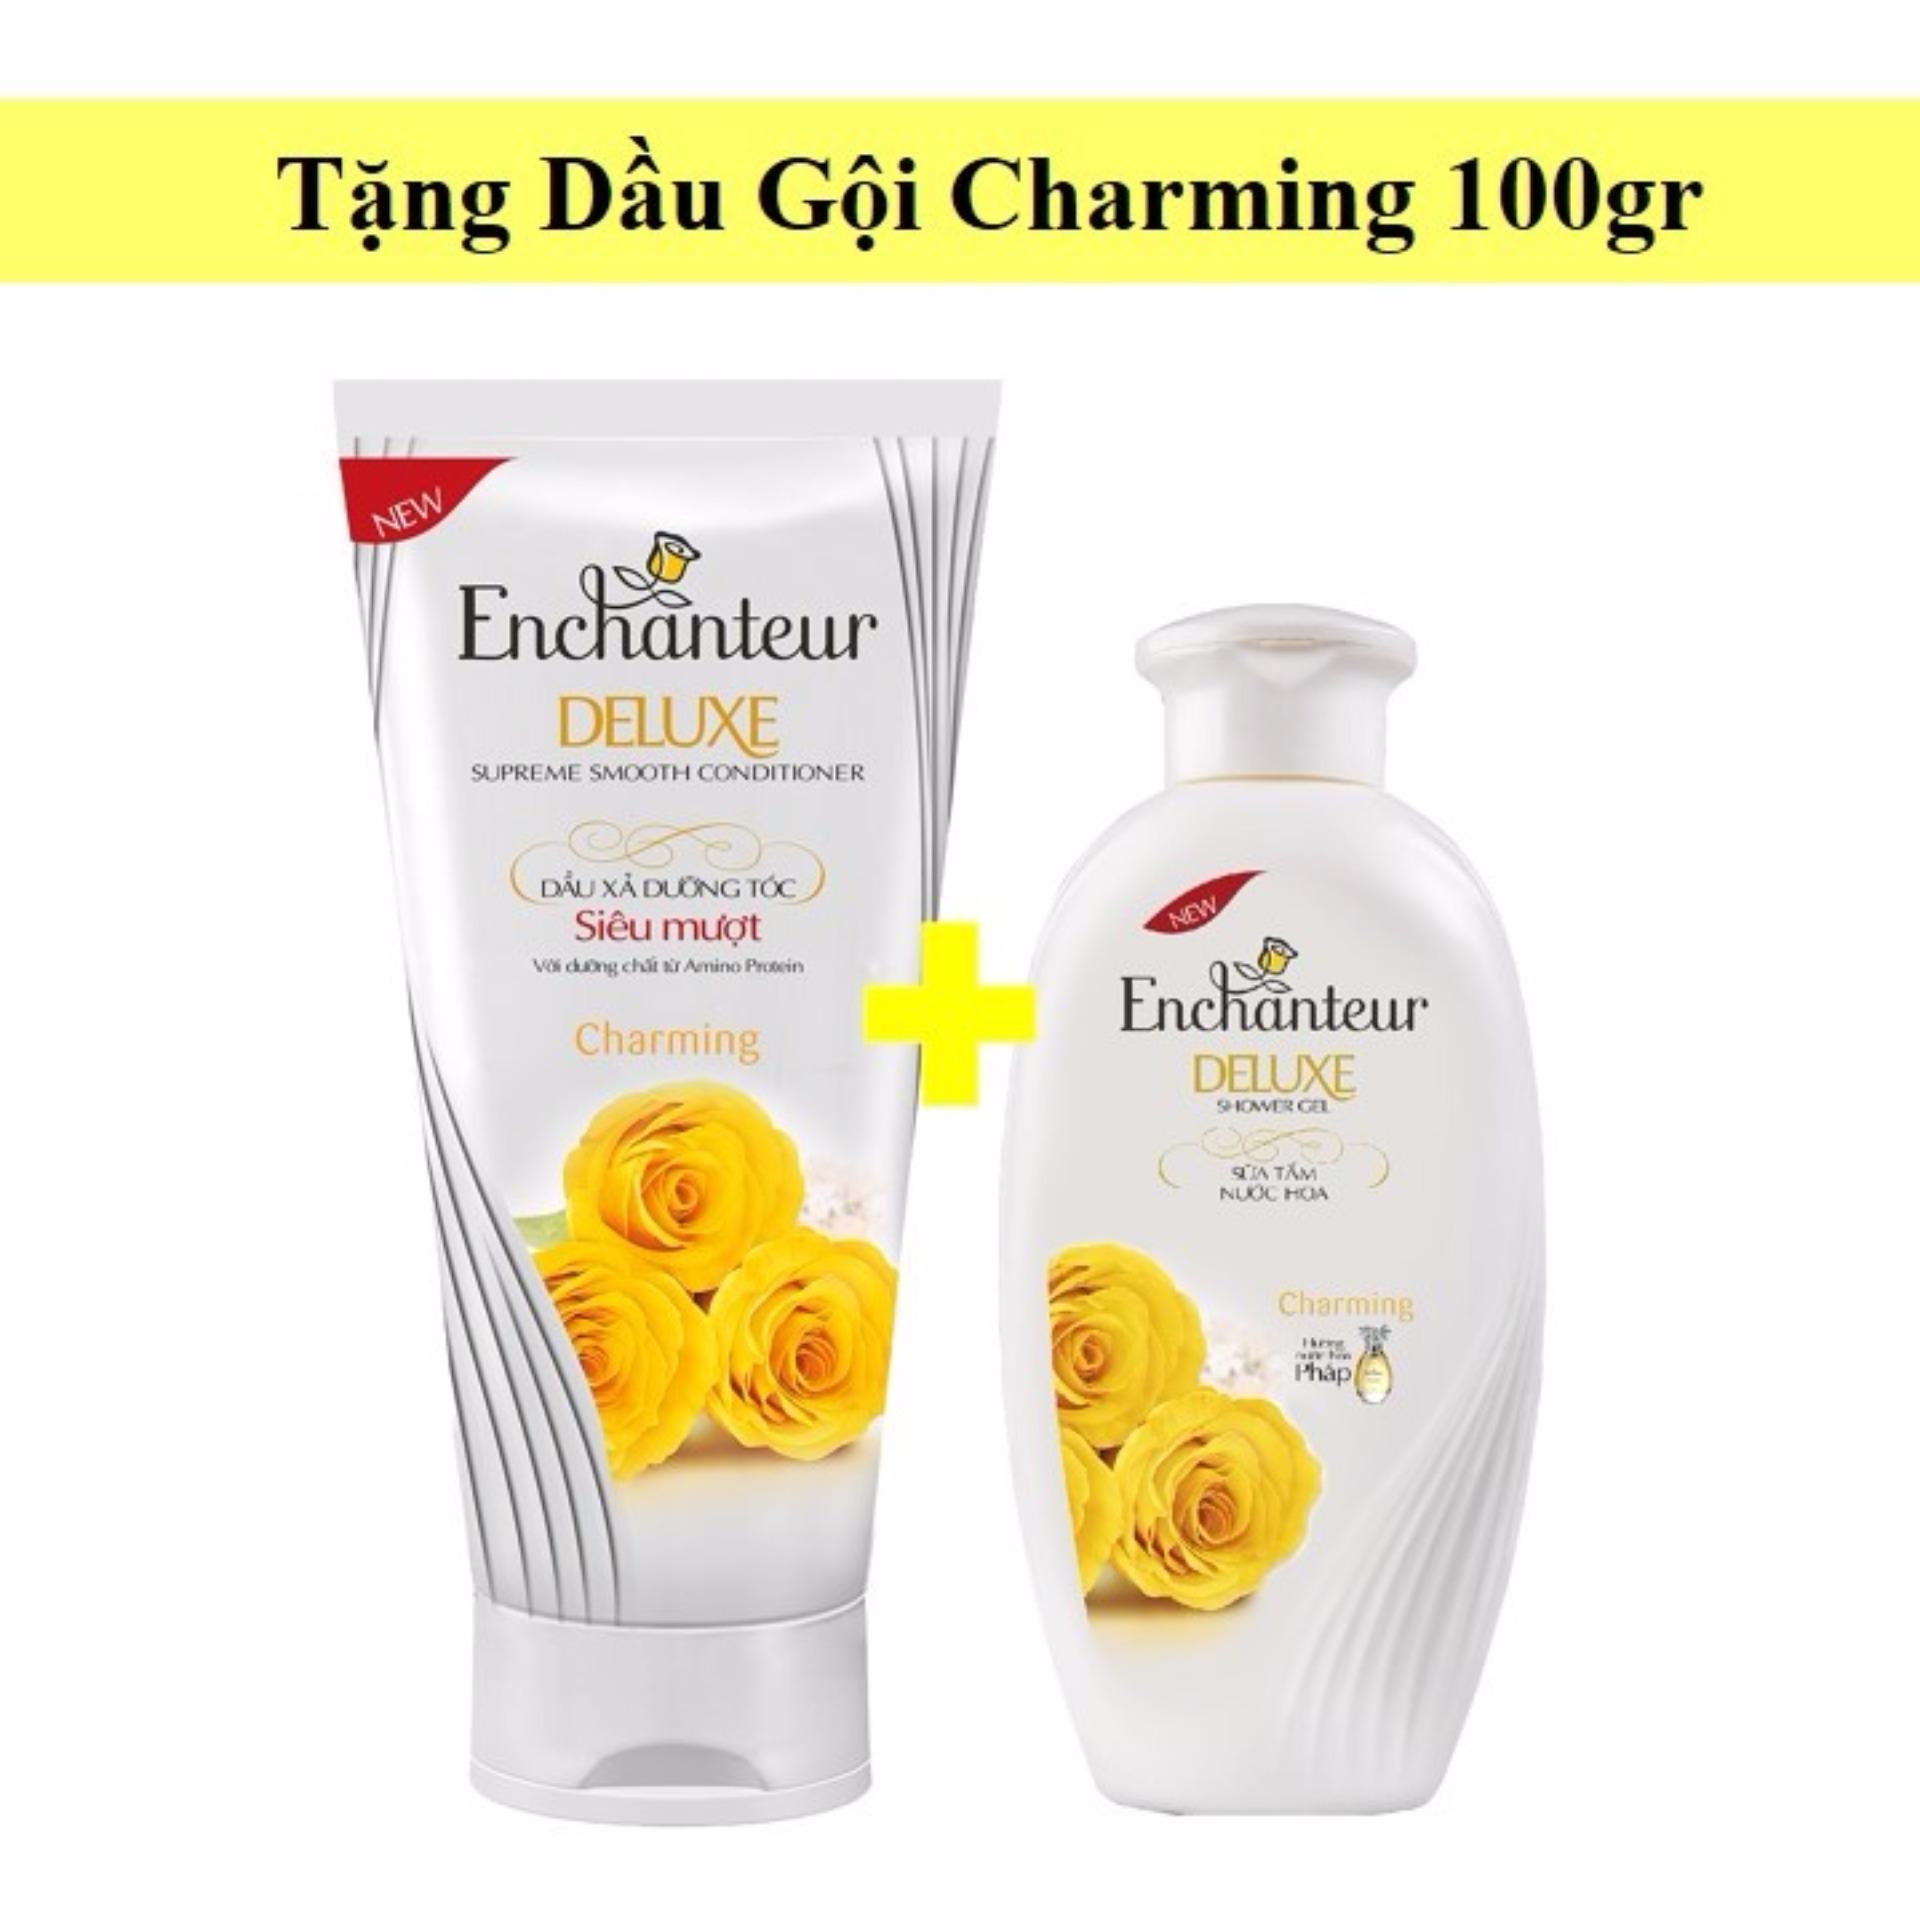 Nơi nào bán Enchanteur – Dầu Xả Enchanteur Charming 180gr + tặng dầu gội Charming 100gr